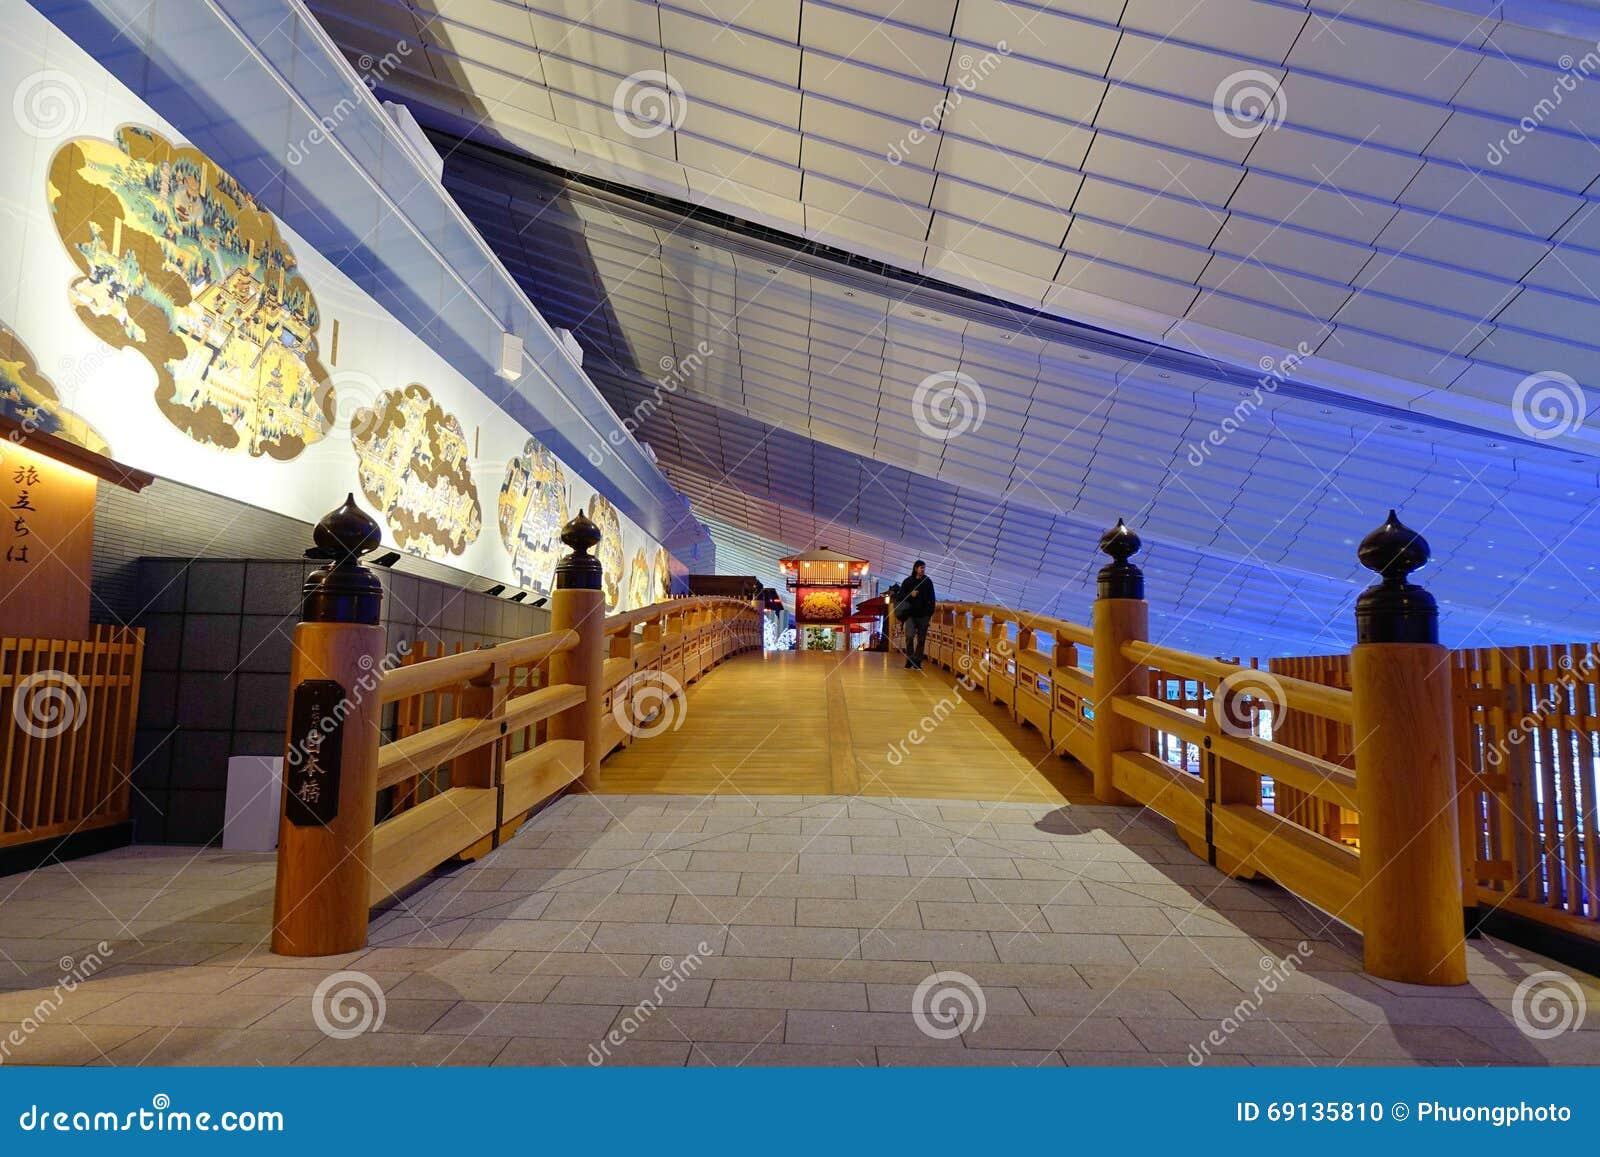 Aeroporto Tokyo : Aeroporto internacional de tokyo imagem editorial imagem de